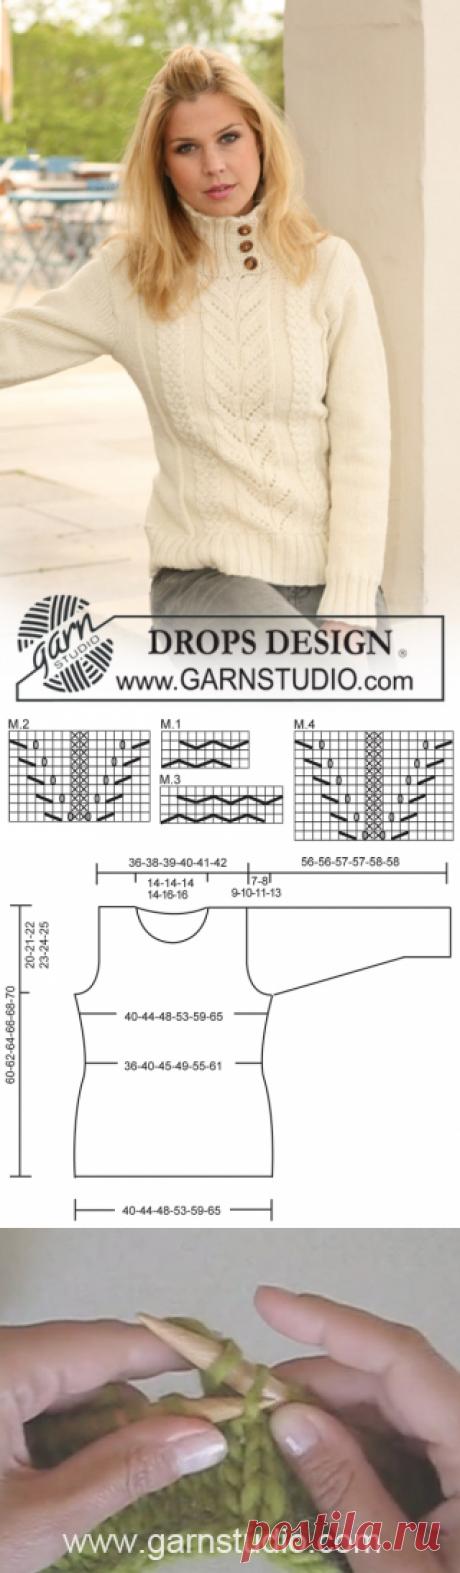 Snowy Branches / DROPS 122-9 - Gratis strikkeopskrifter fra DROPS Design